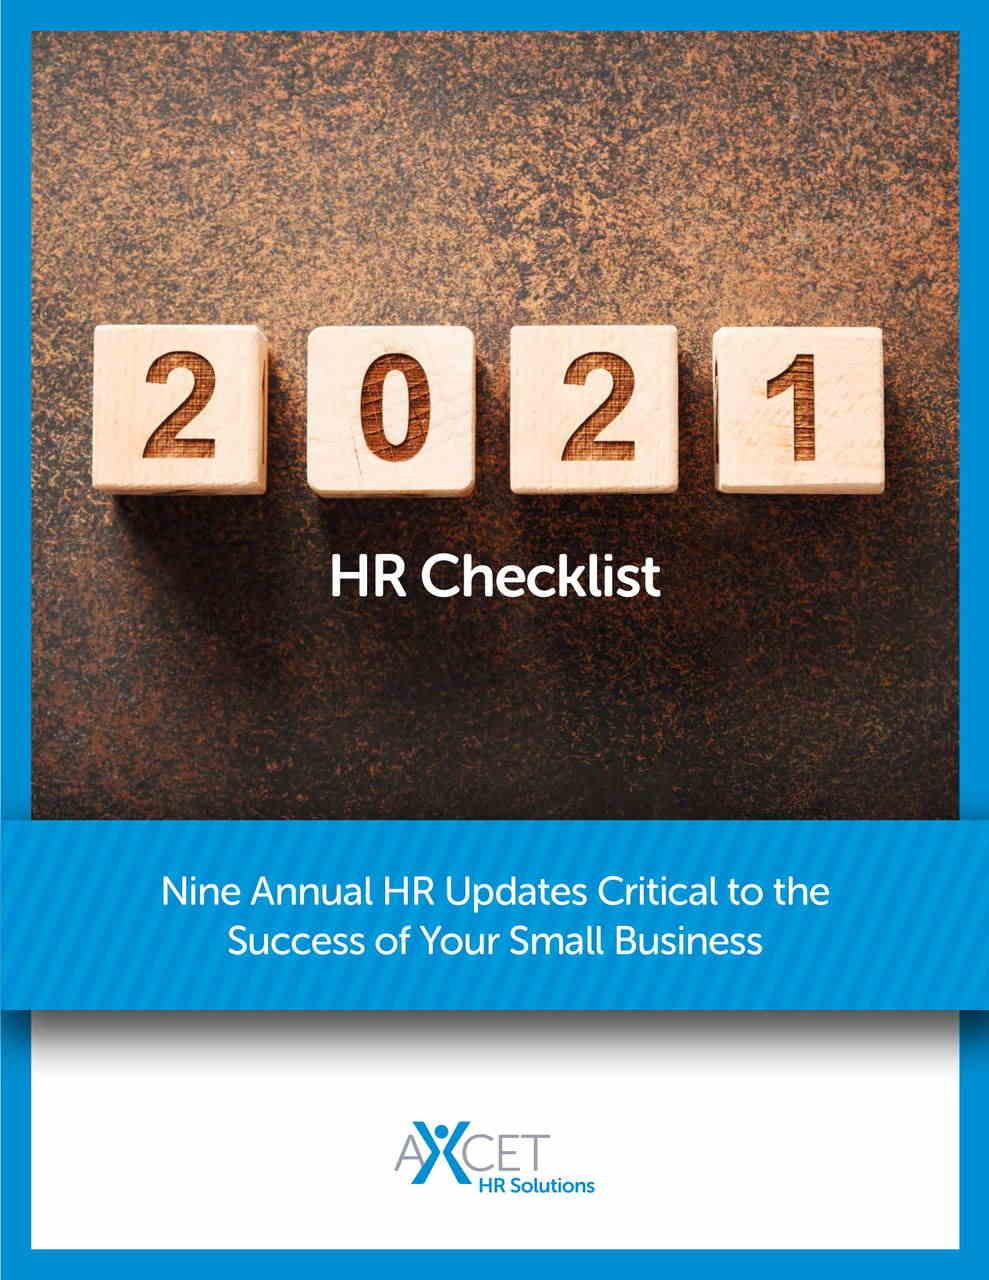 2021 HR Checklist